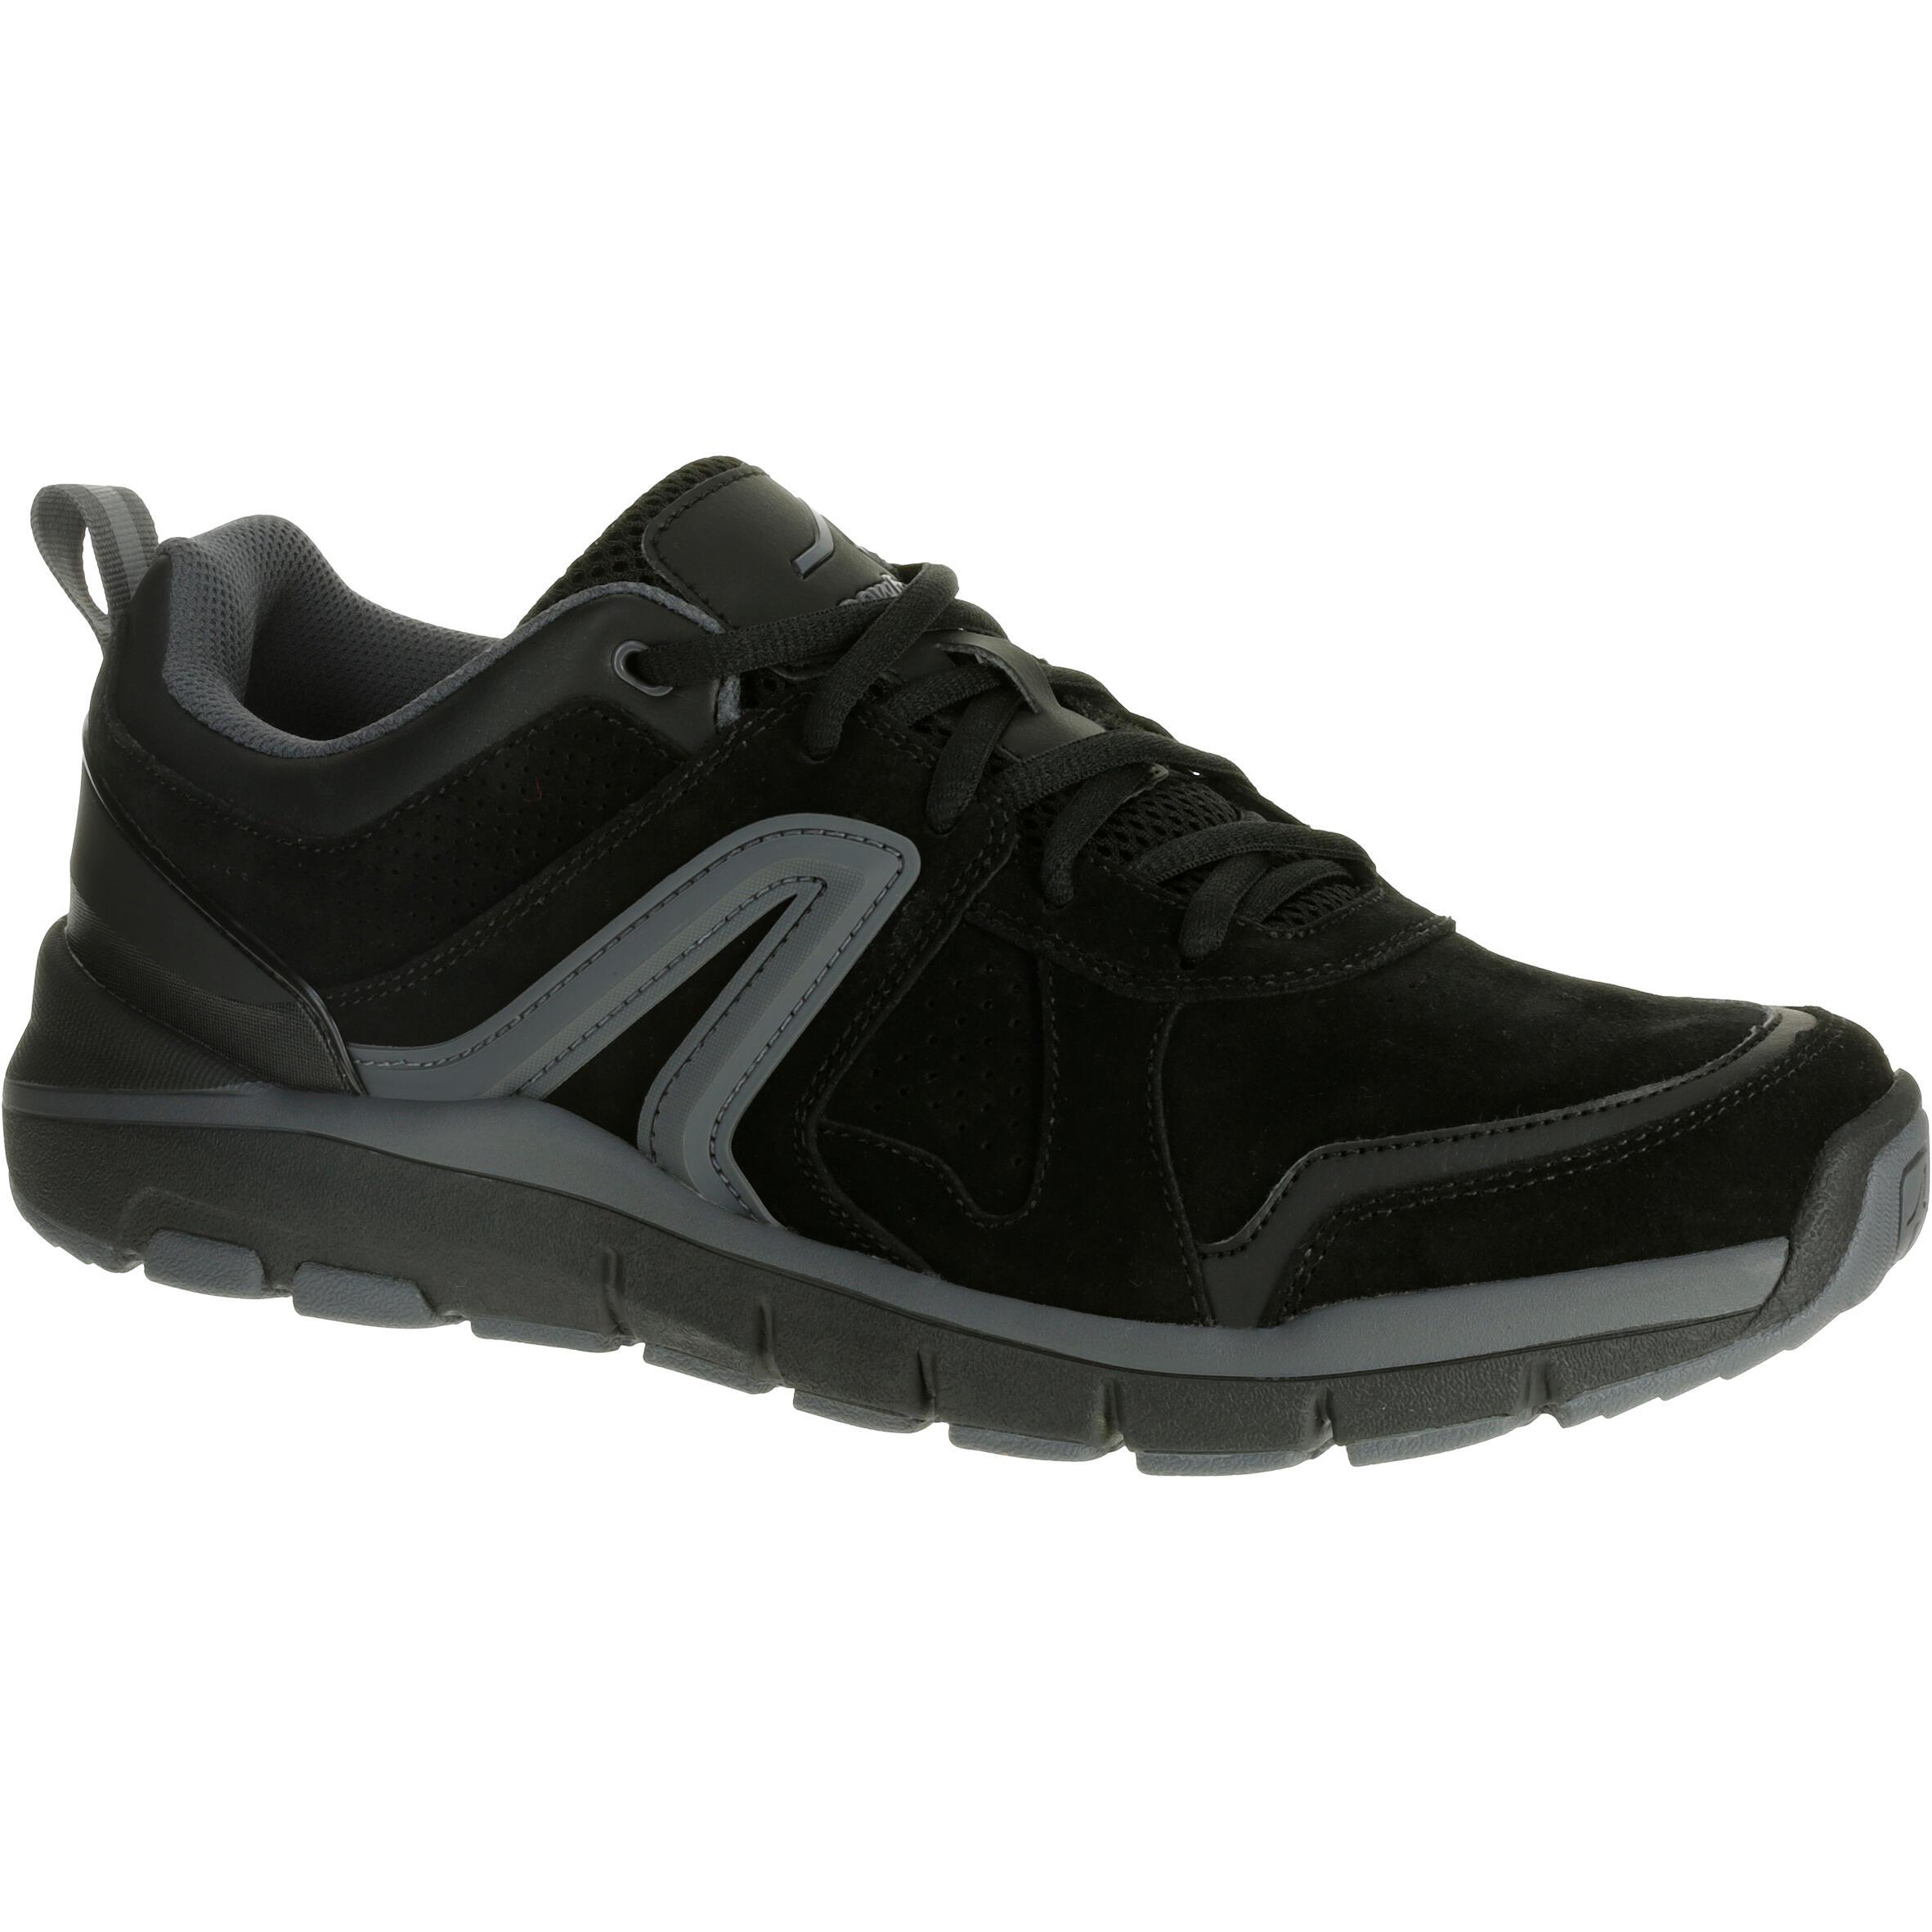 0bae6158 Comprar Zapatillas Urbanas de Hombre Online   Decathlon